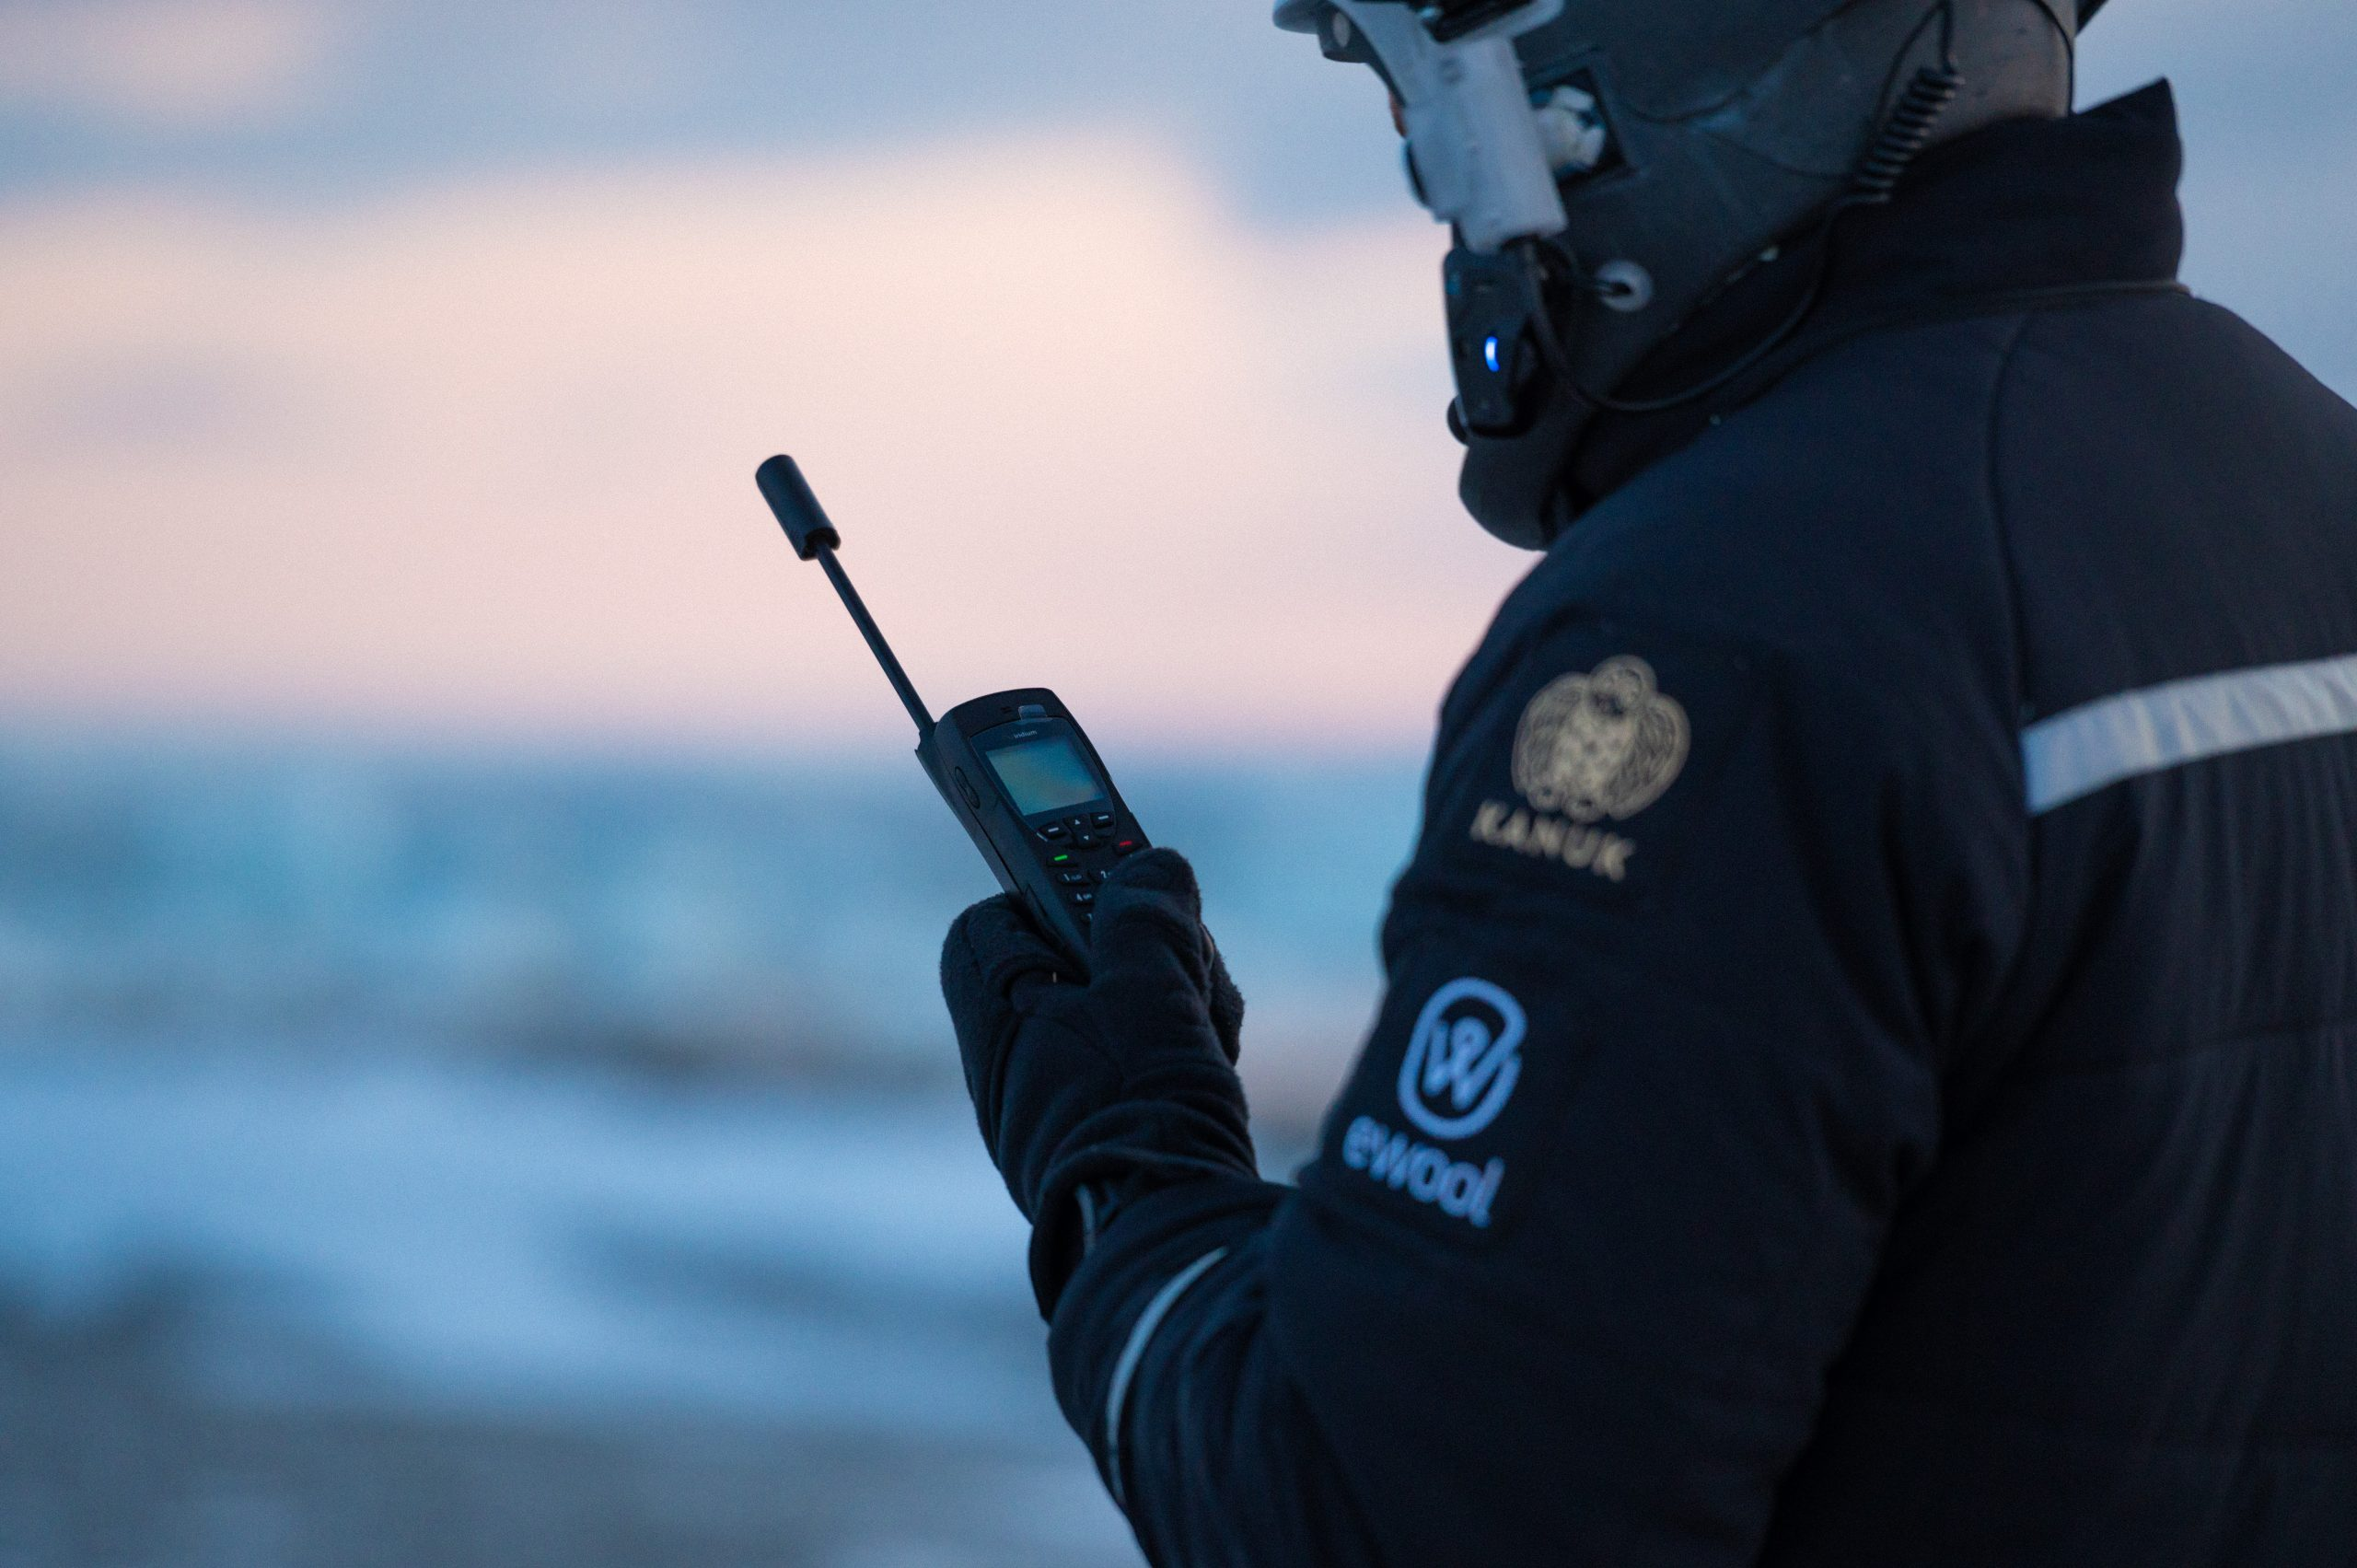 Iridium 9555 satellite phone in use